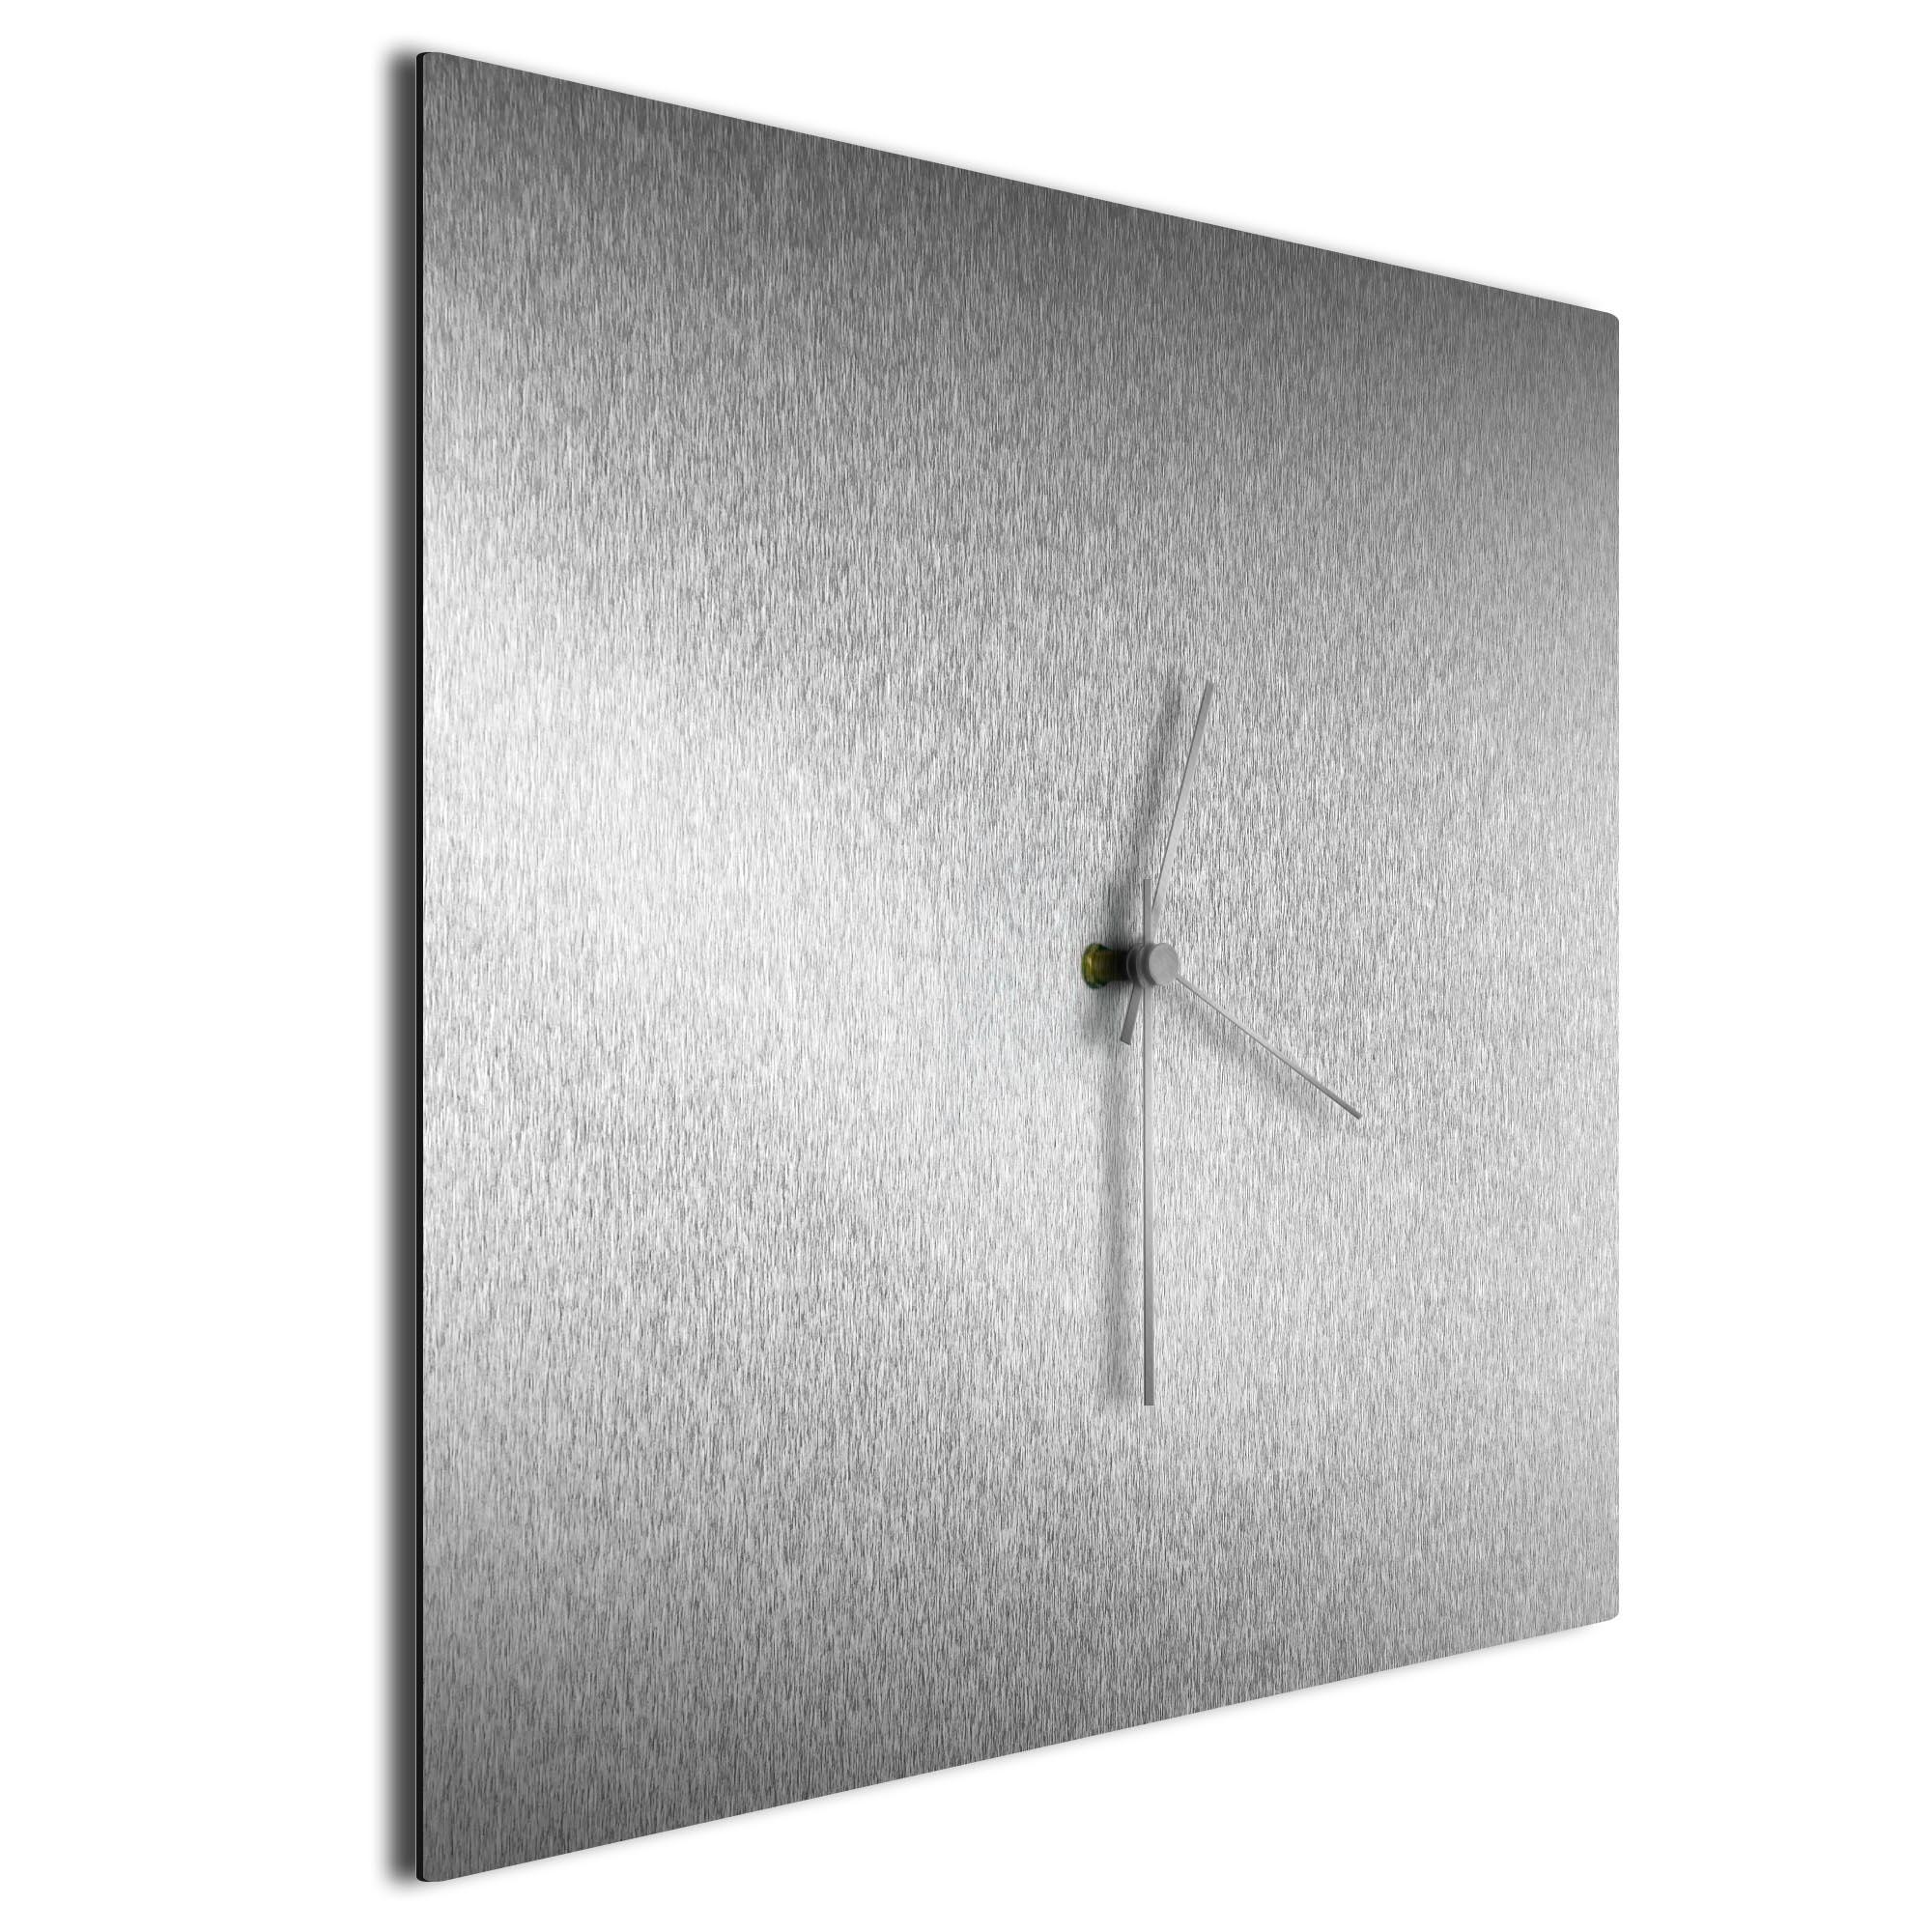 Silversmith Square Clock Silver - Image 2